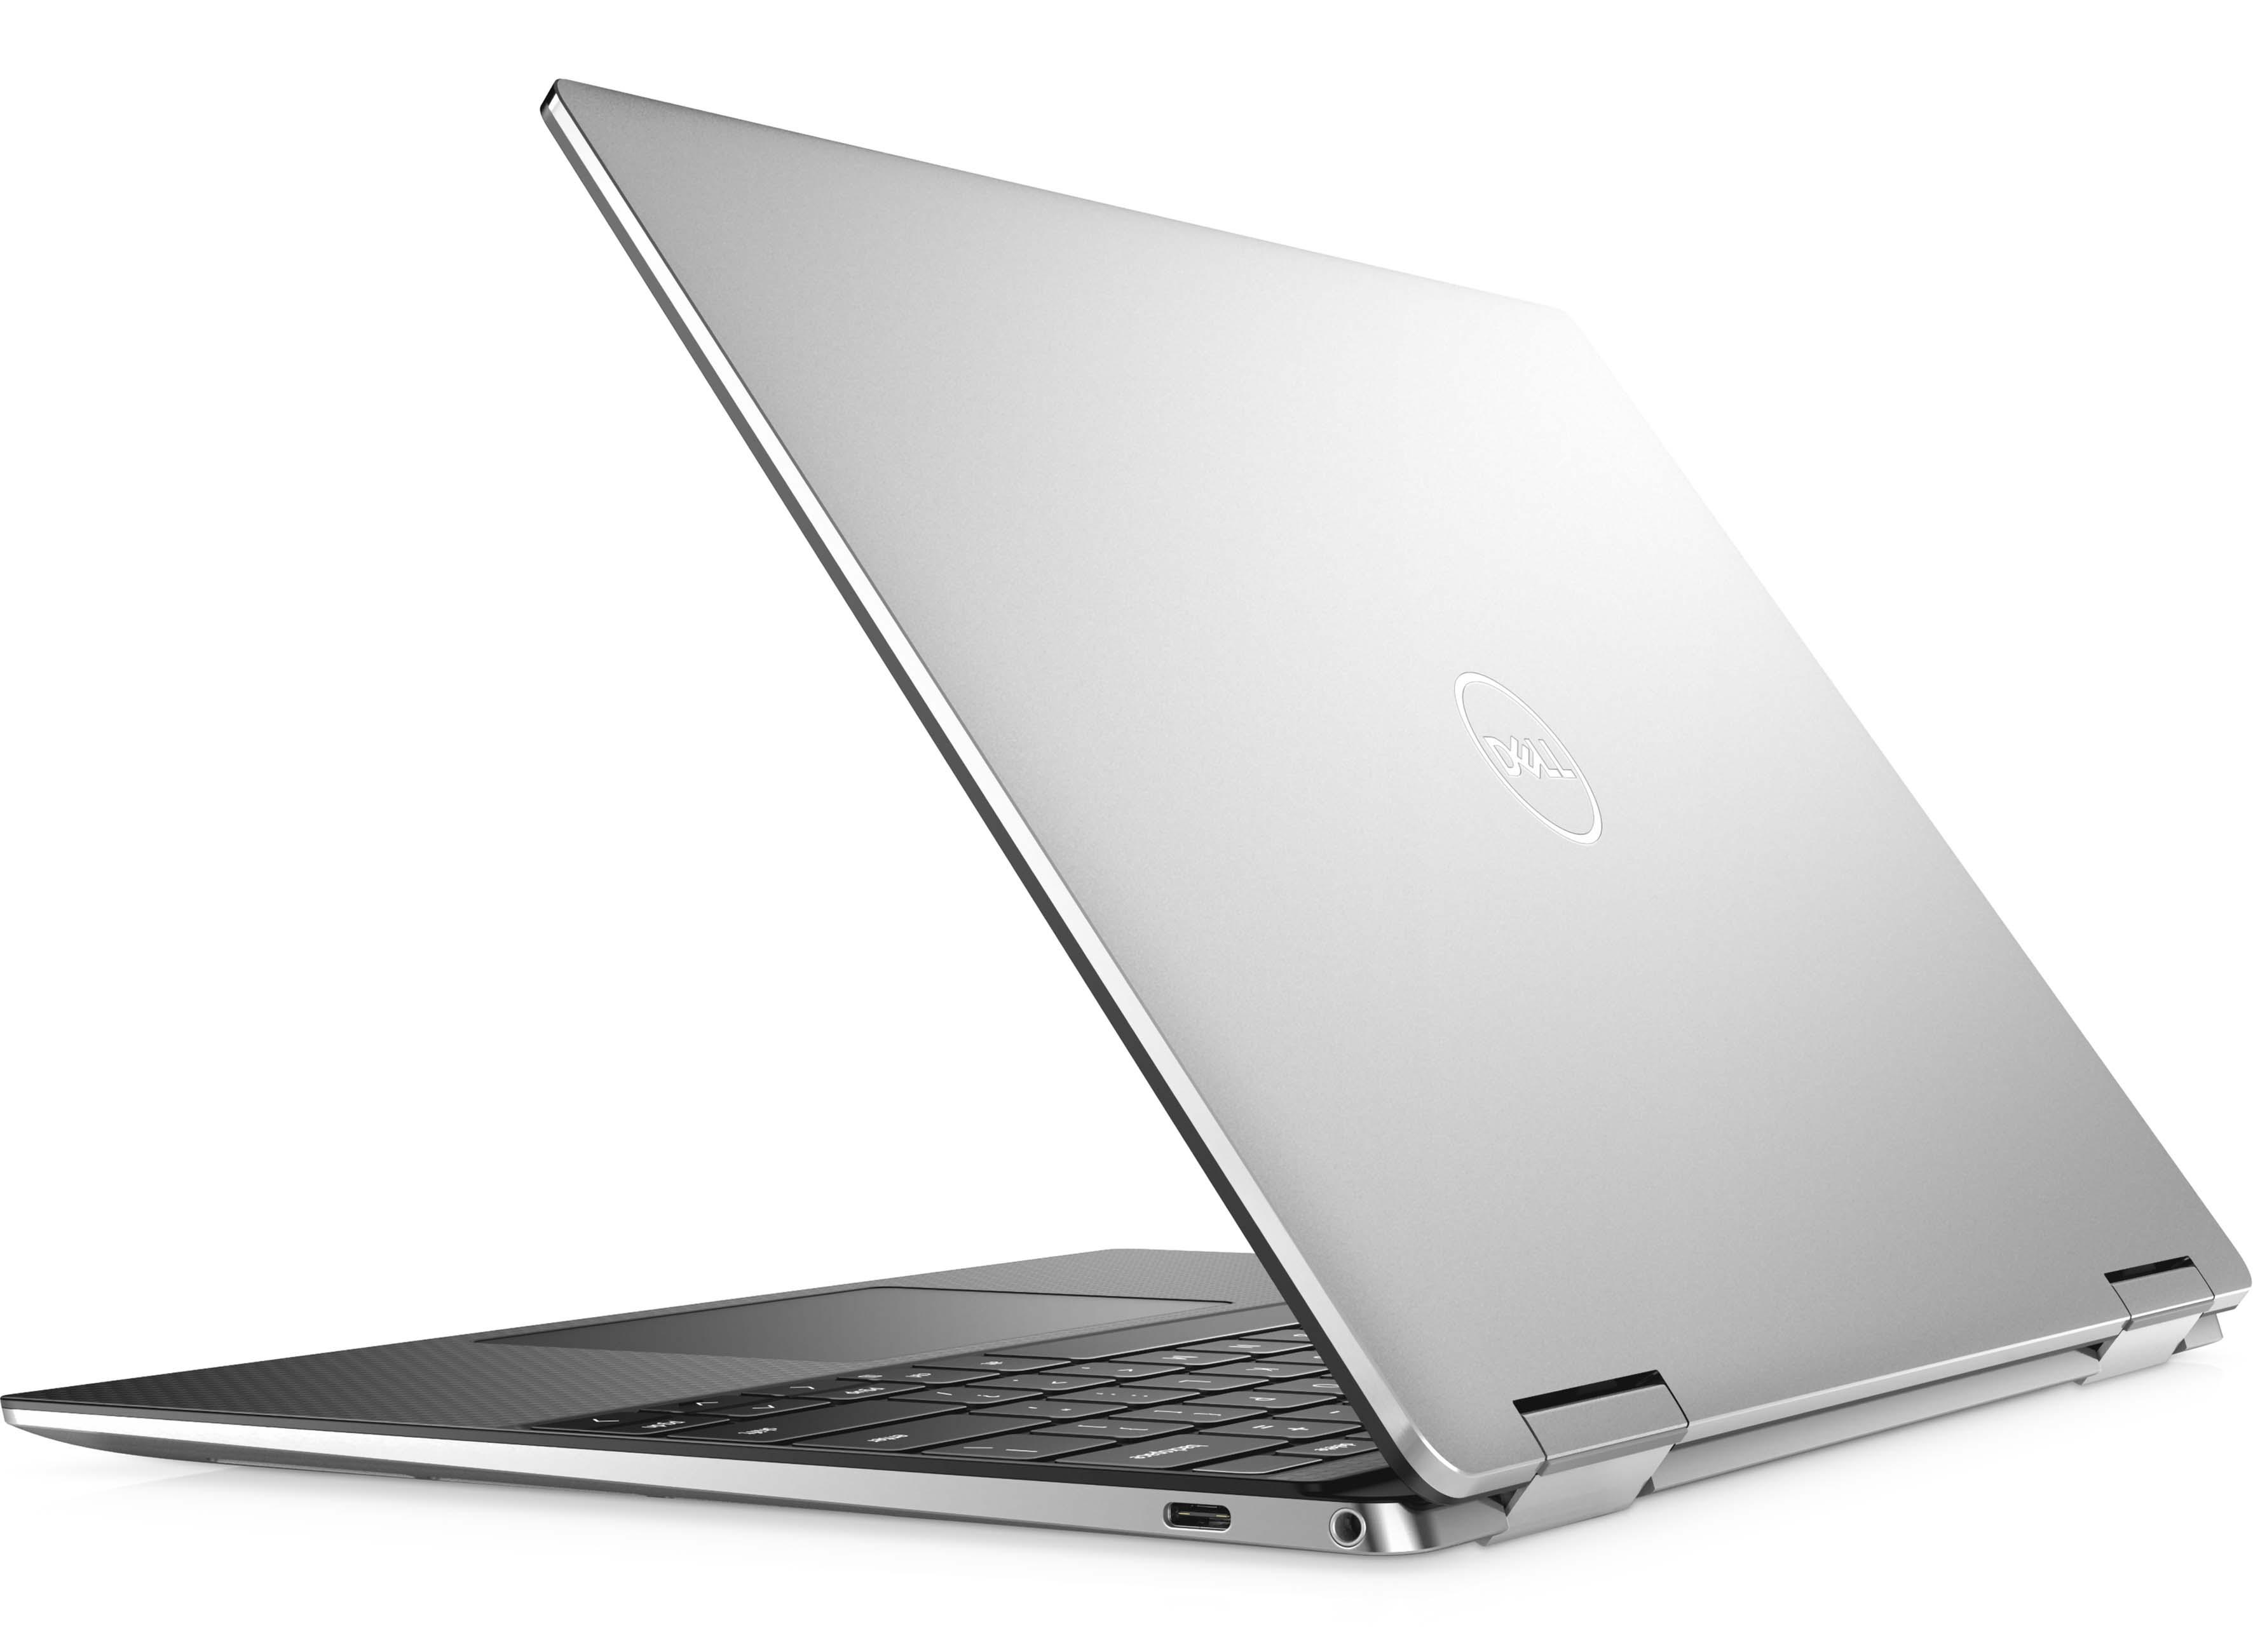 Dell  XPS 9310 2in1 Silver/Black